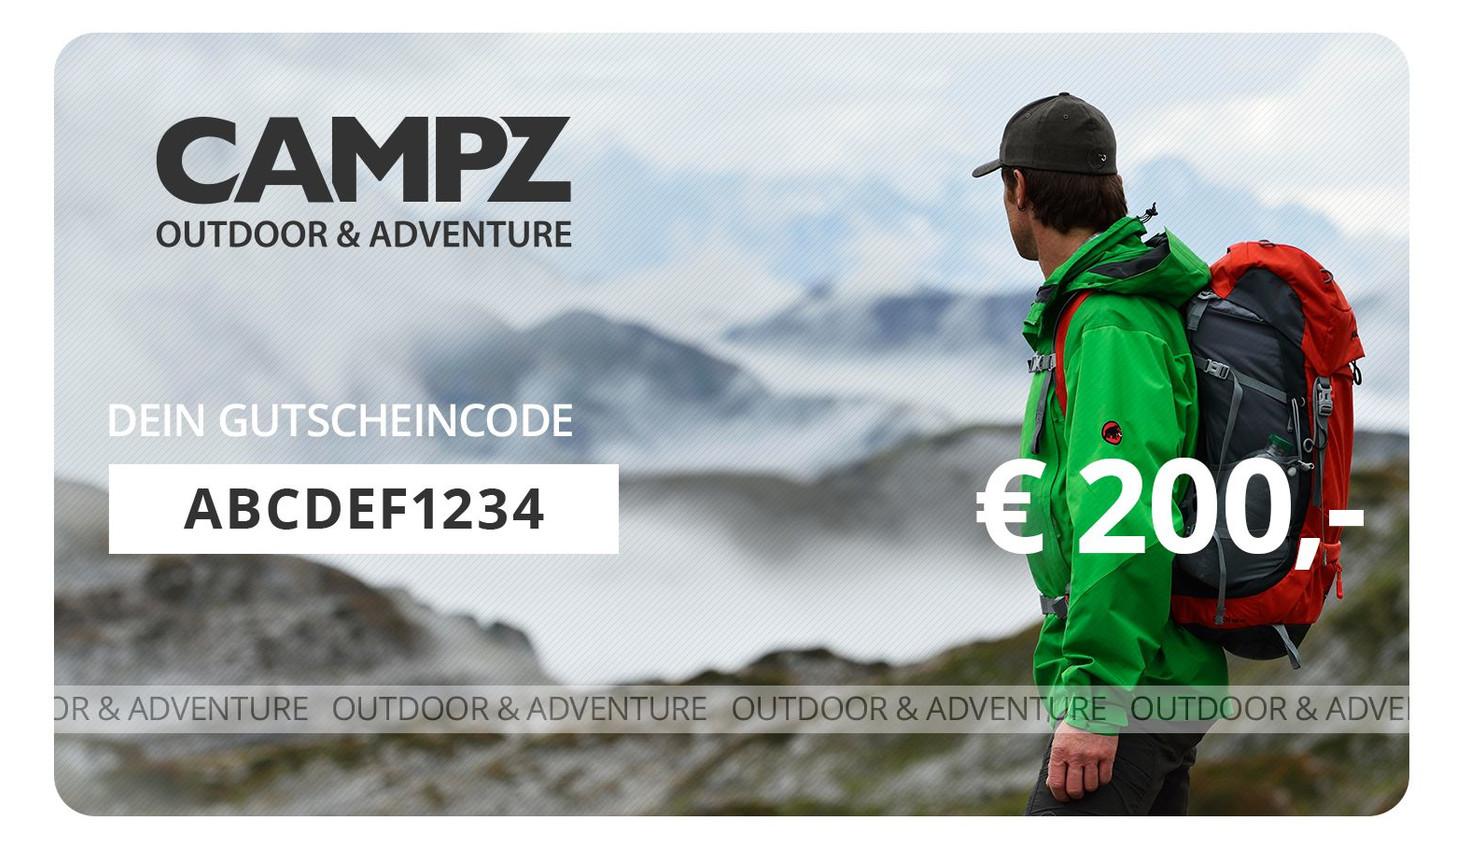 Campz Gutschein über 200 Euro